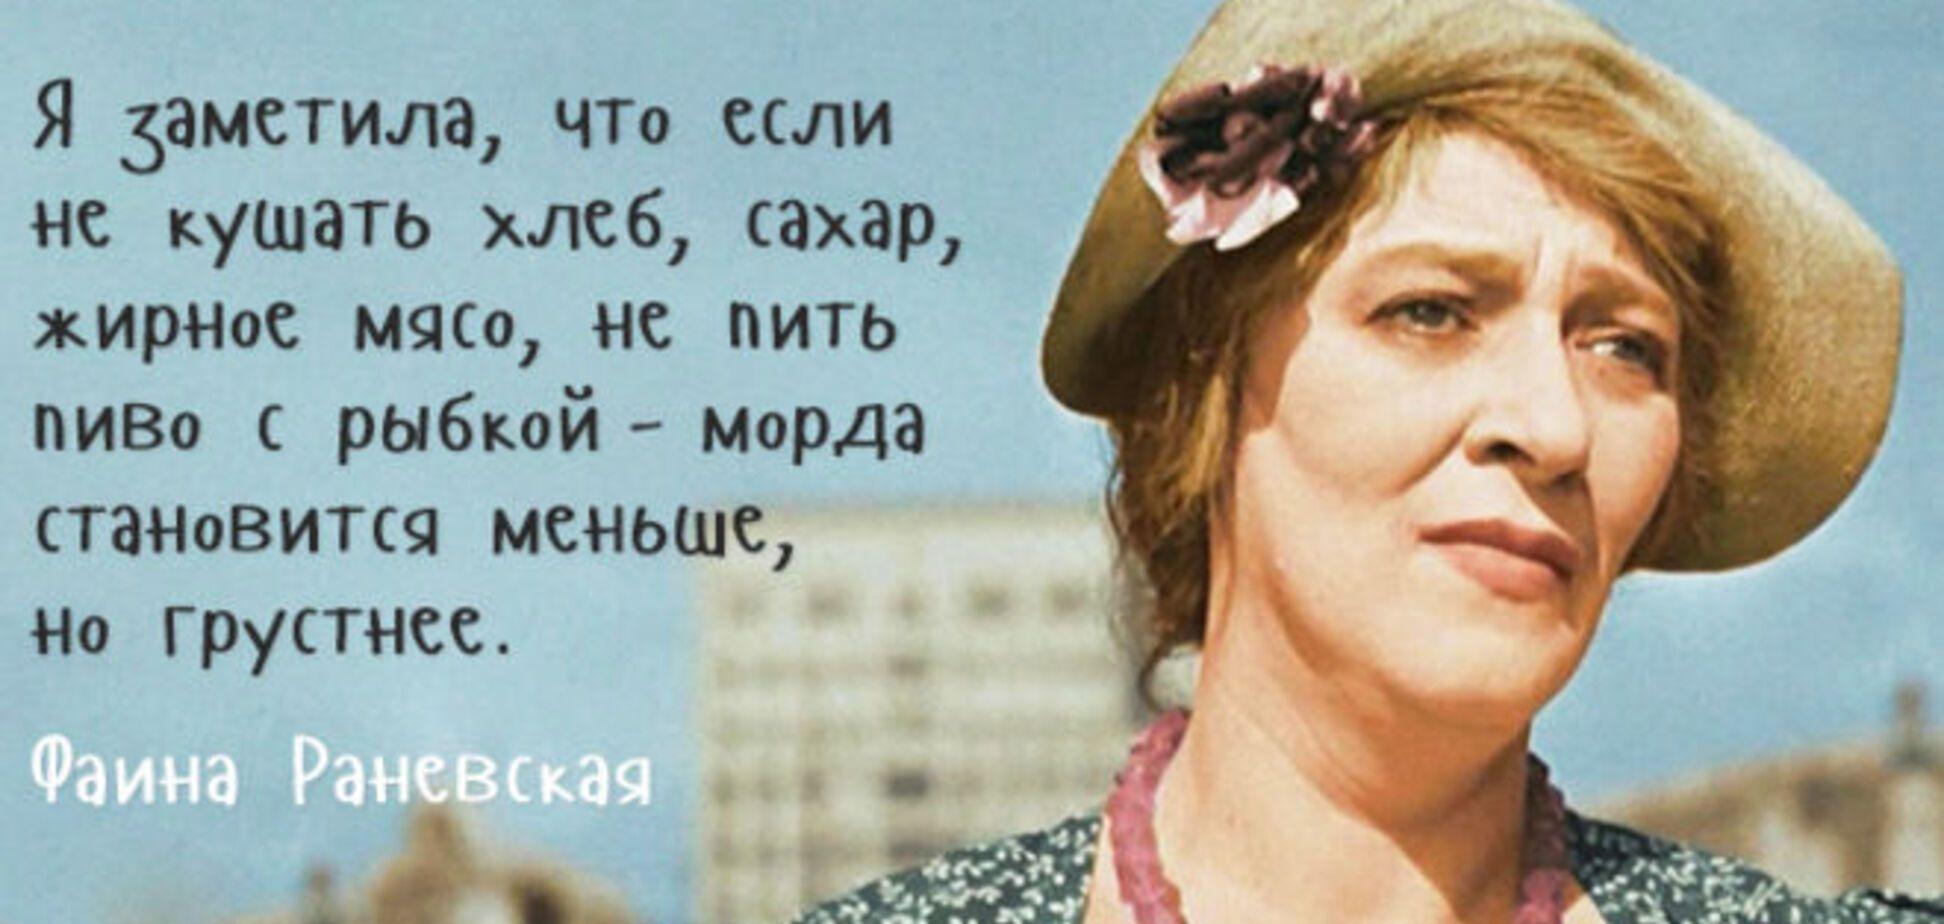 Фаина Раневская: мудрые цитаты и лучшие фото величайшей актрисы ХХ века